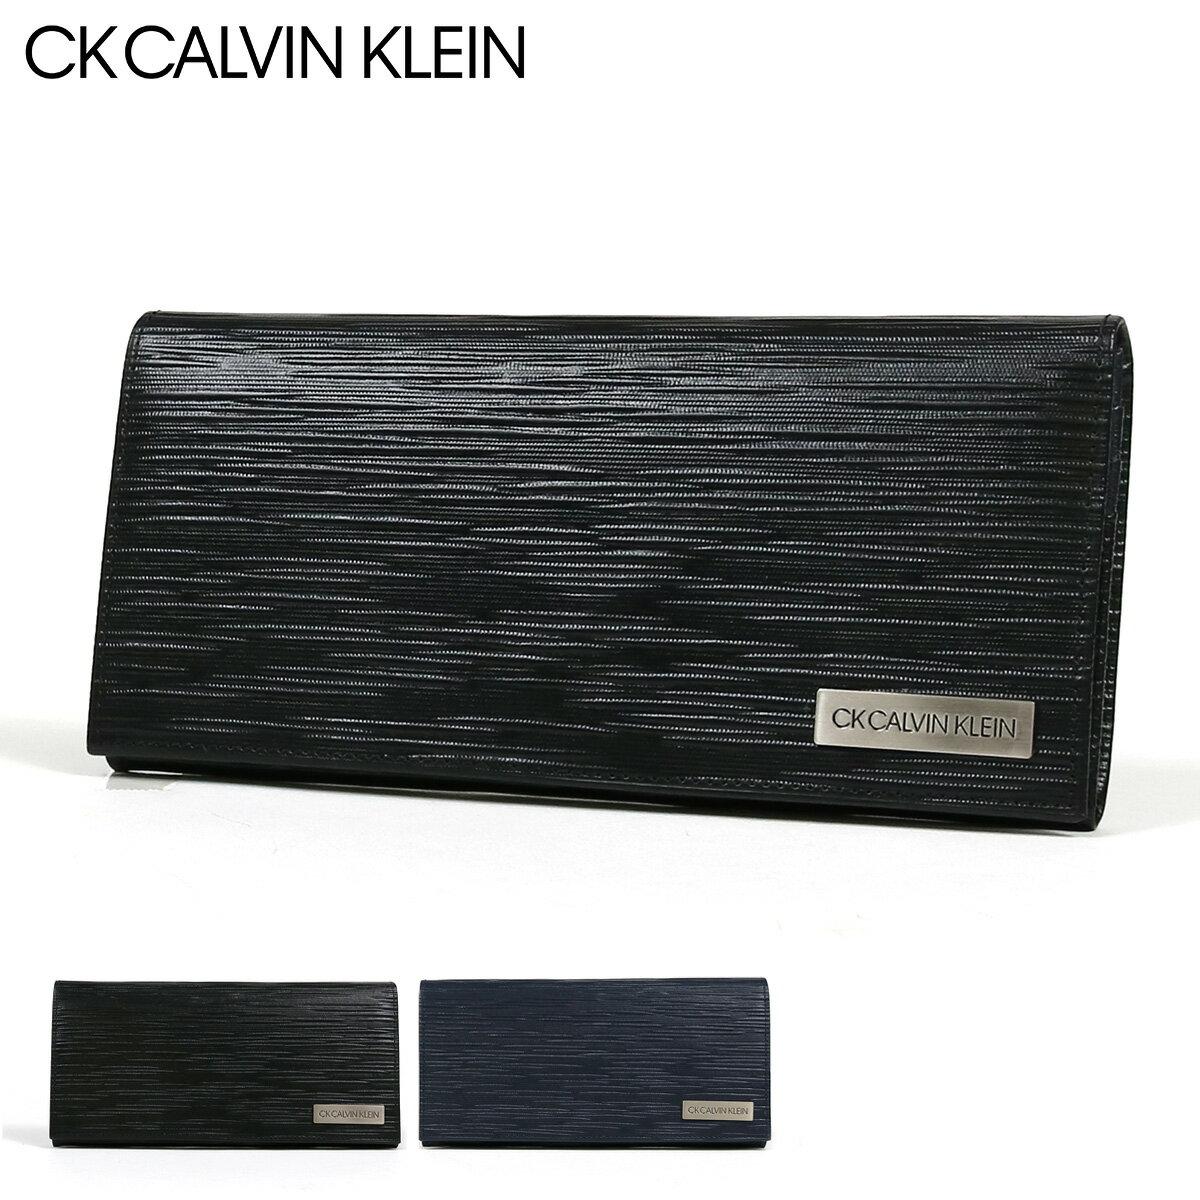 シーケー カルバンクライン 長財布 タットII メンズ 808616 CK CALVIN KLEIN | 本革 レザー ブランド専用BOX付き[bef][即日発送][PO5]